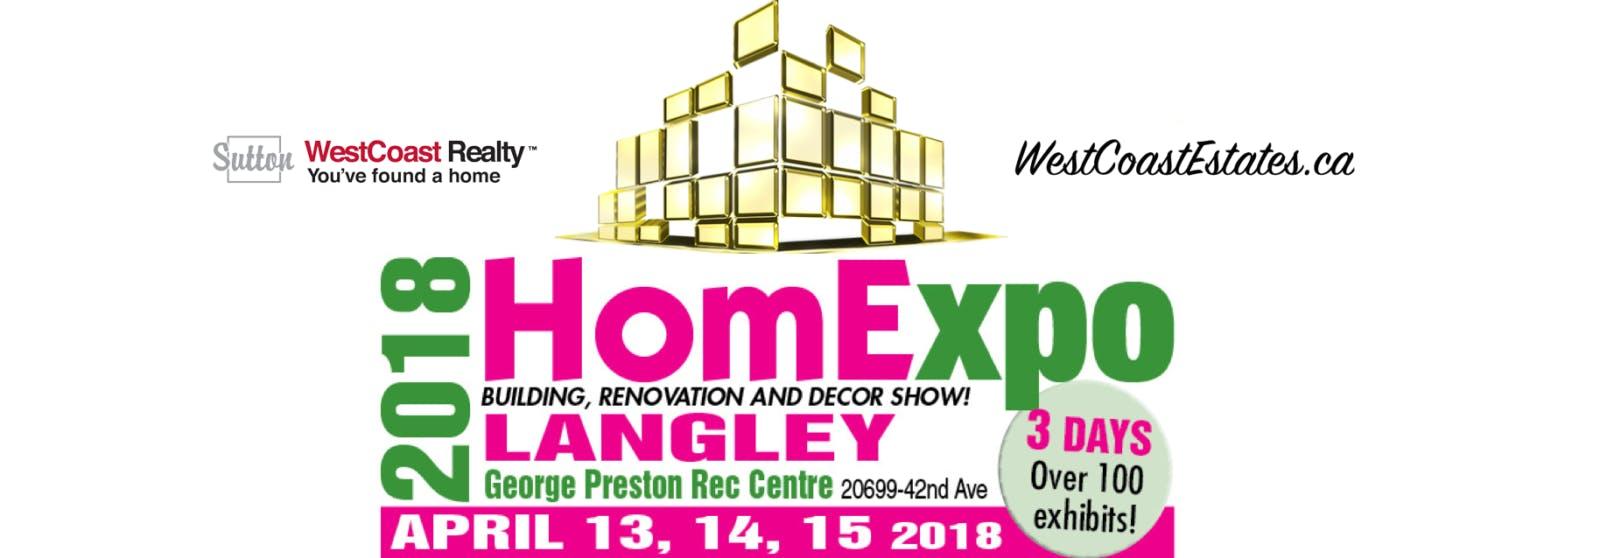 langley home expo